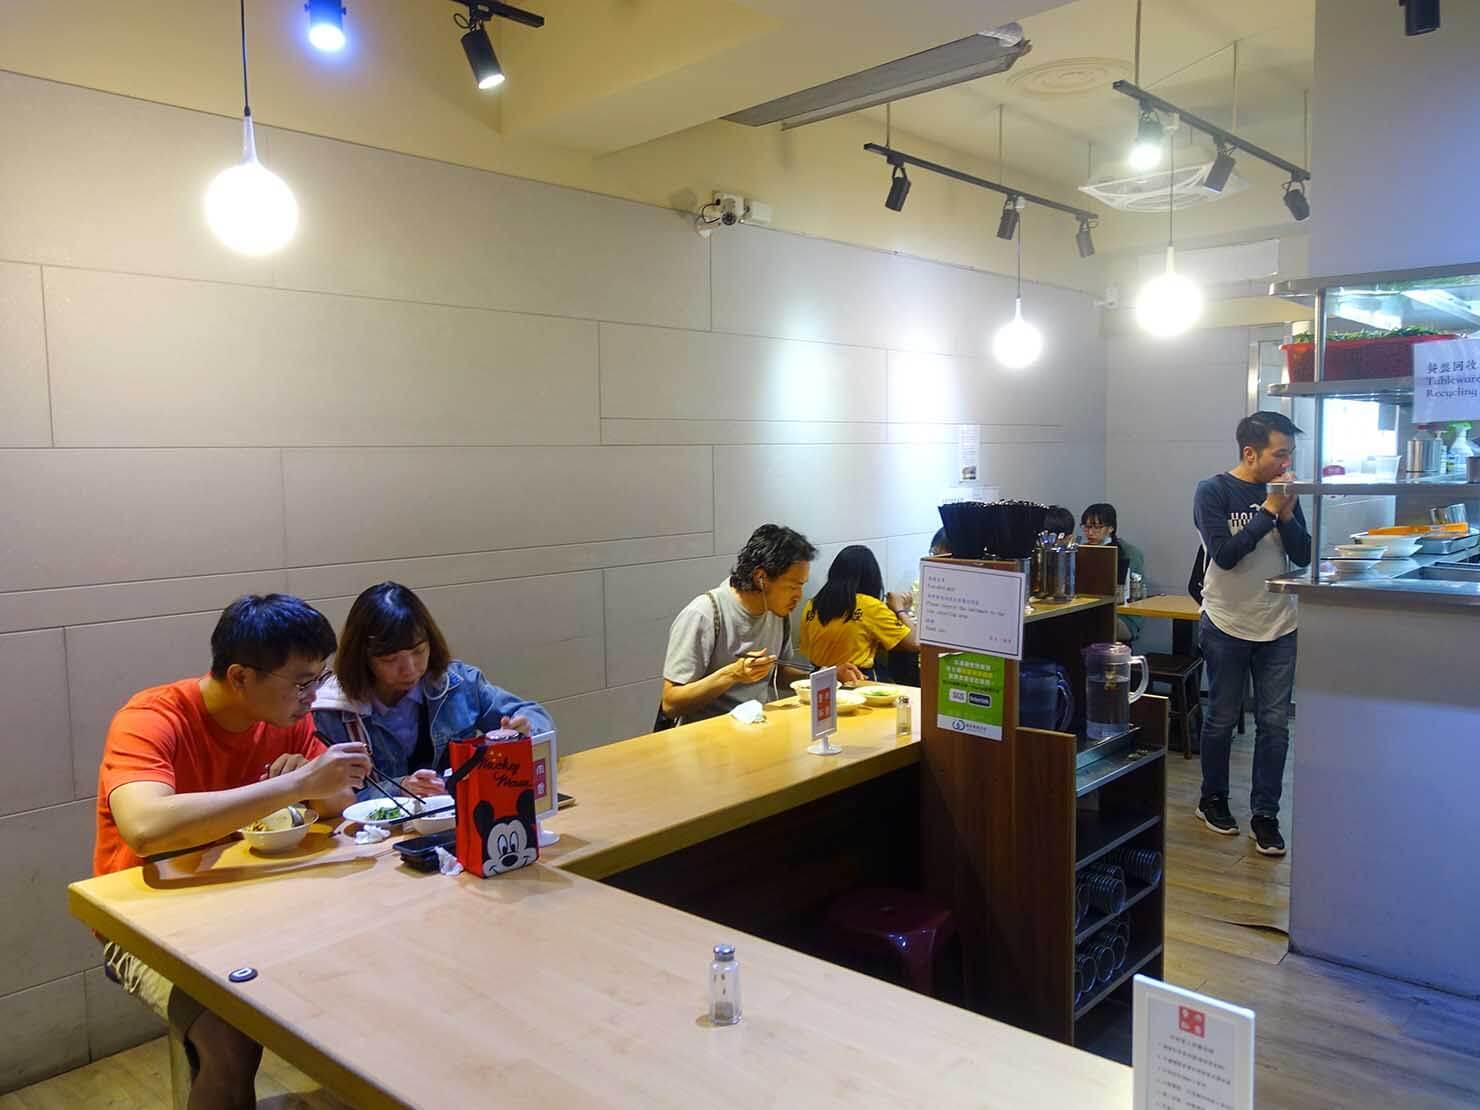 台北・公館夜市のおすすめグルメ店「魯肉・飯香」の店内